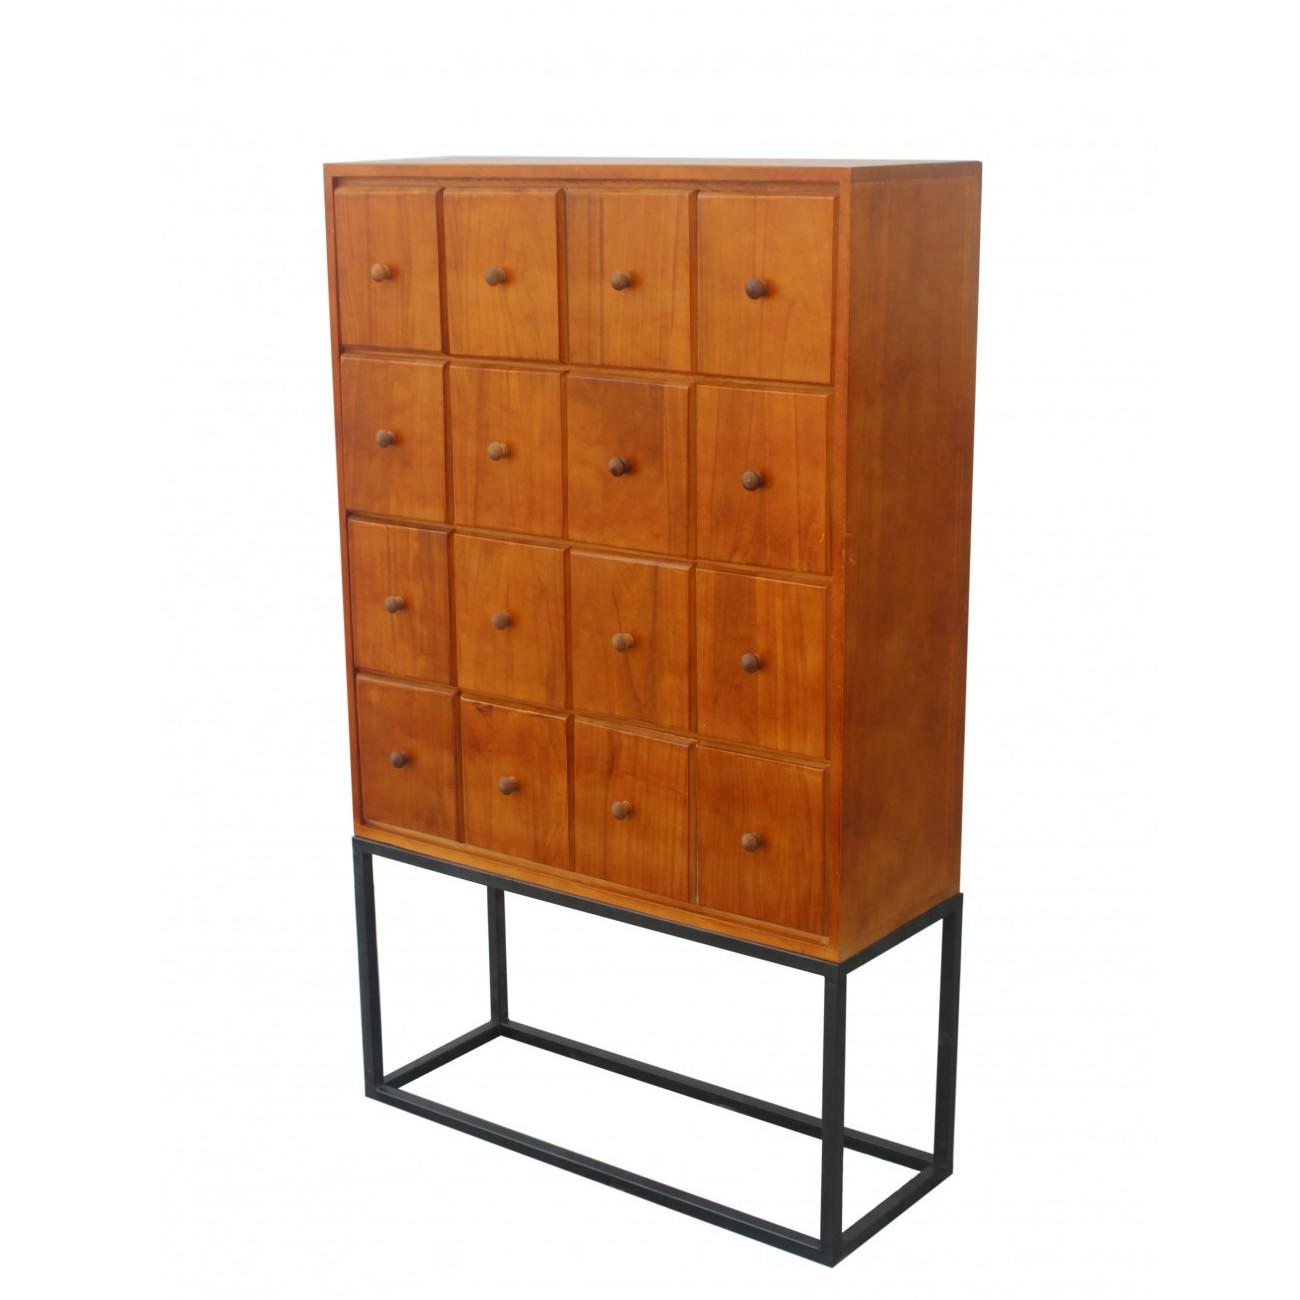 kommode vintage gismund 80 x 30 x 130 cm. Black Bedroom Furniture Sets. Home Design Ideas